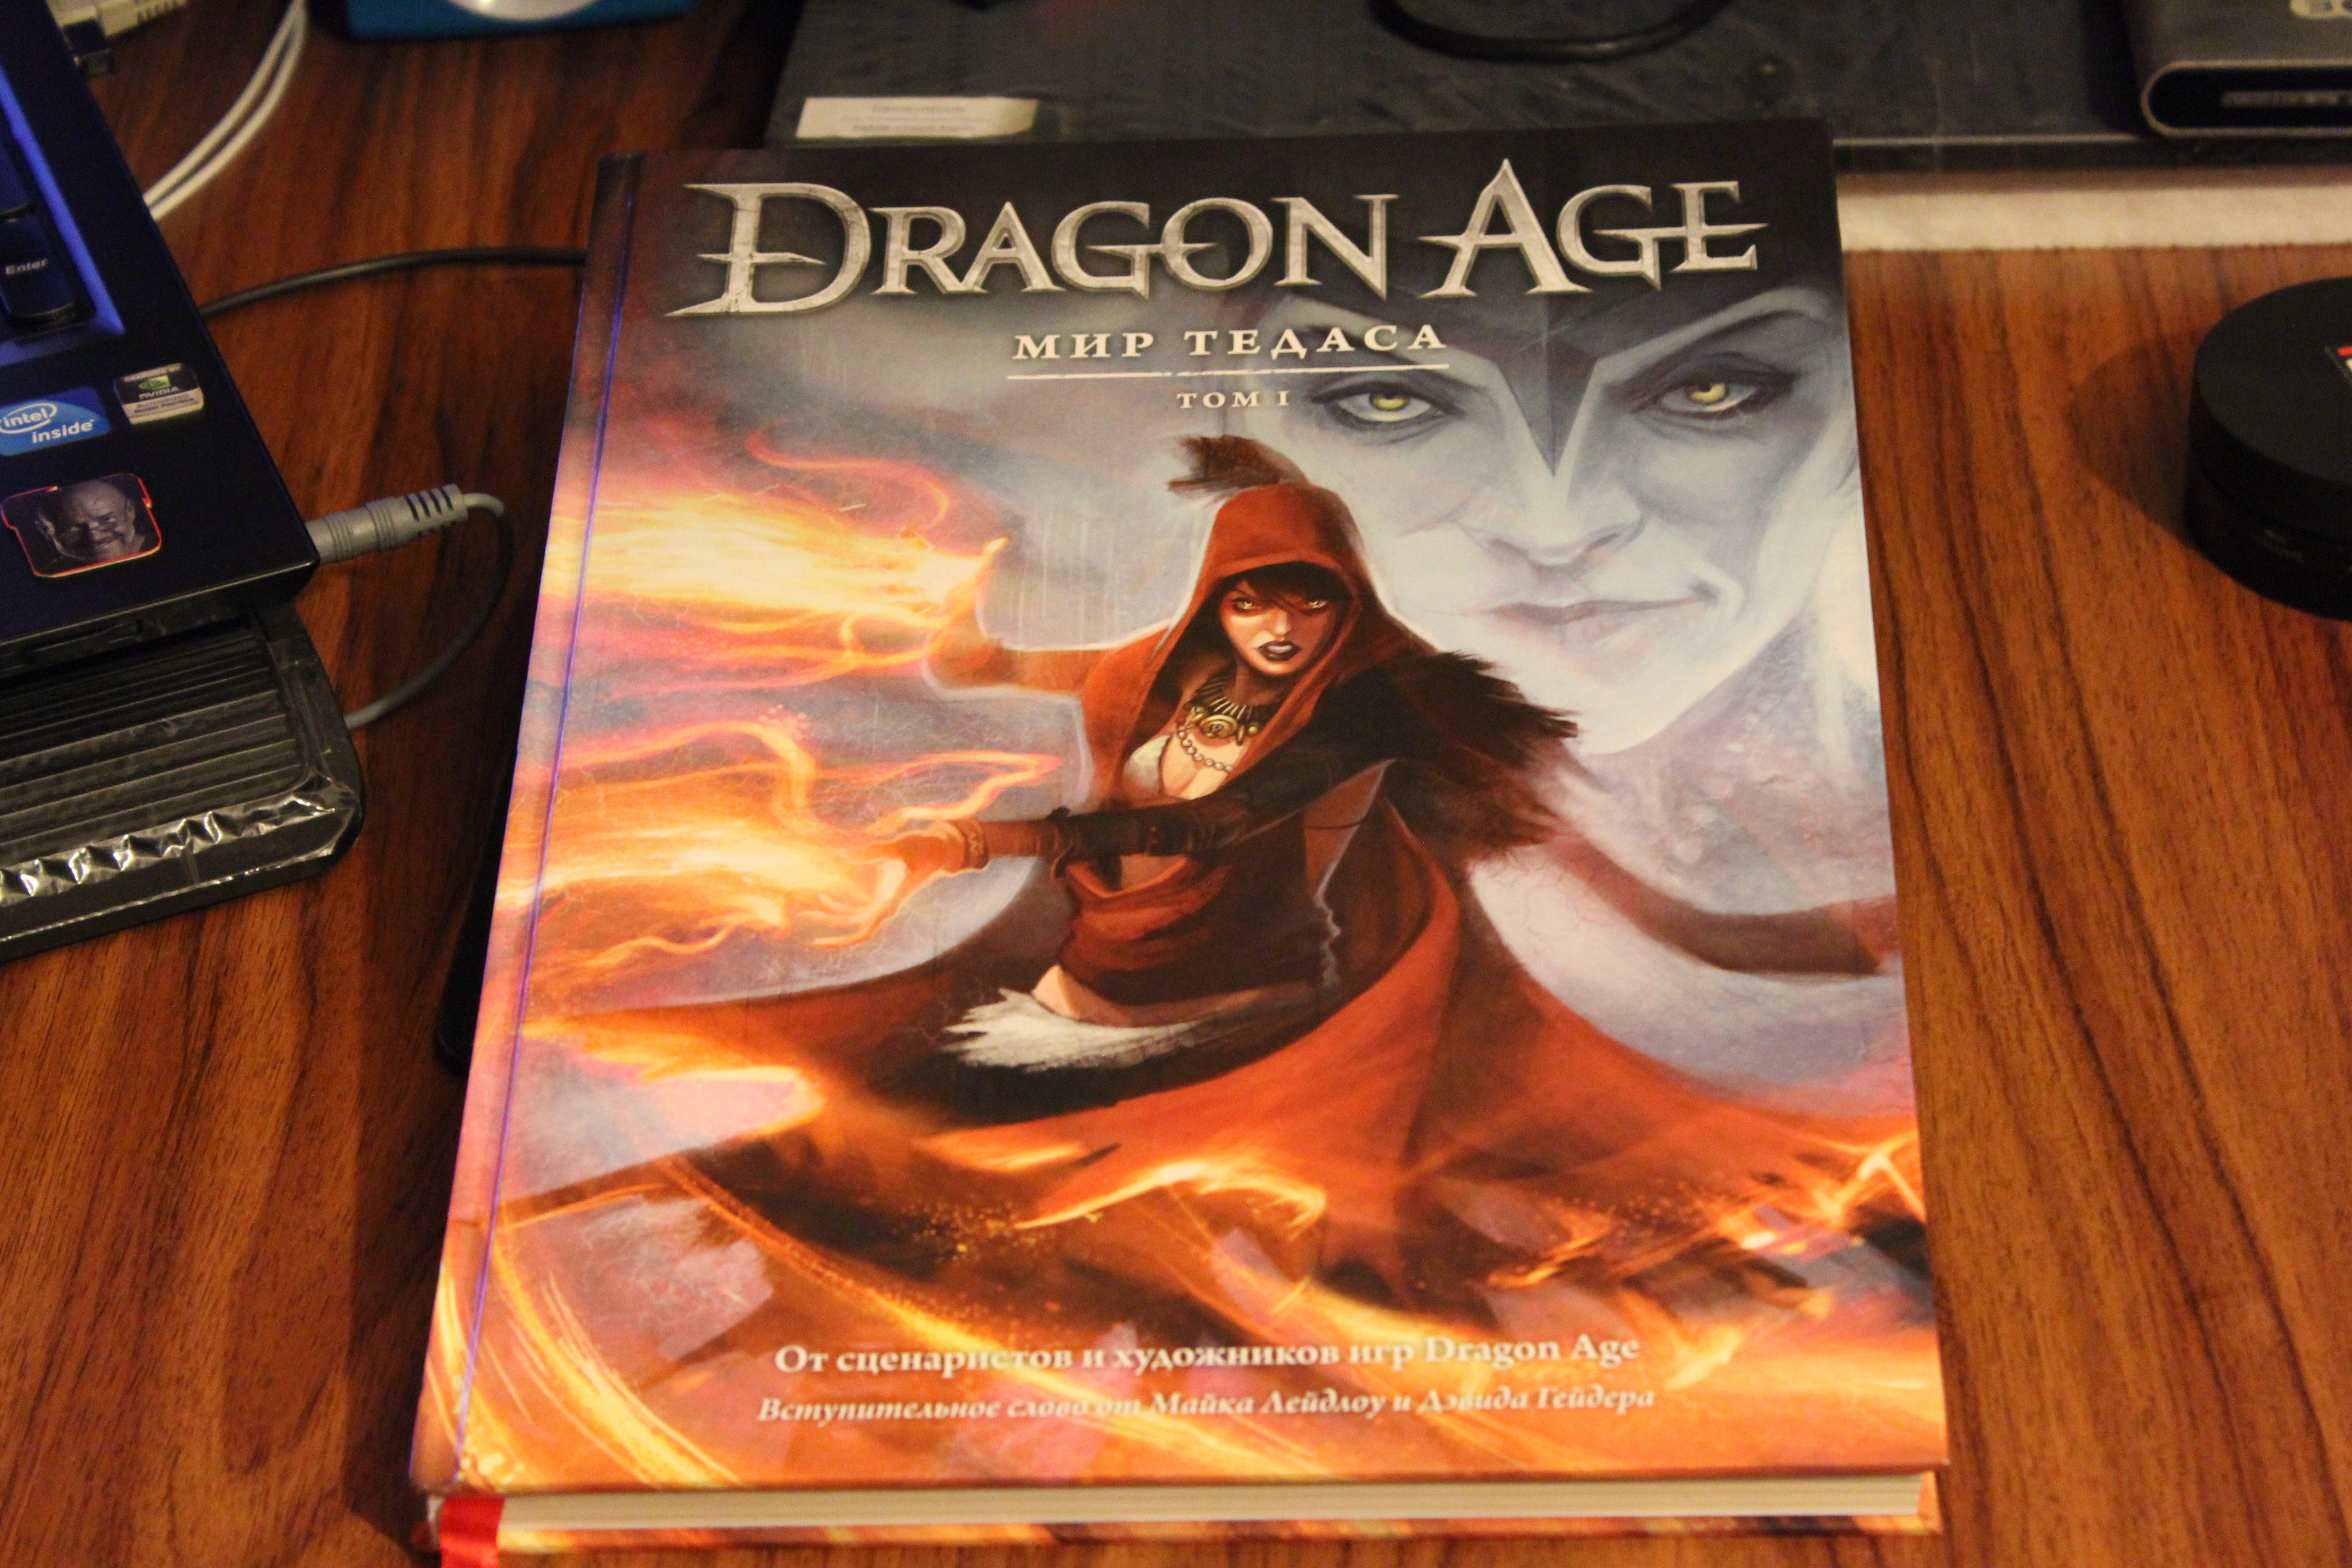 Dragon Age: Мир Тедаса (том1) на родном языке - Изображение 1